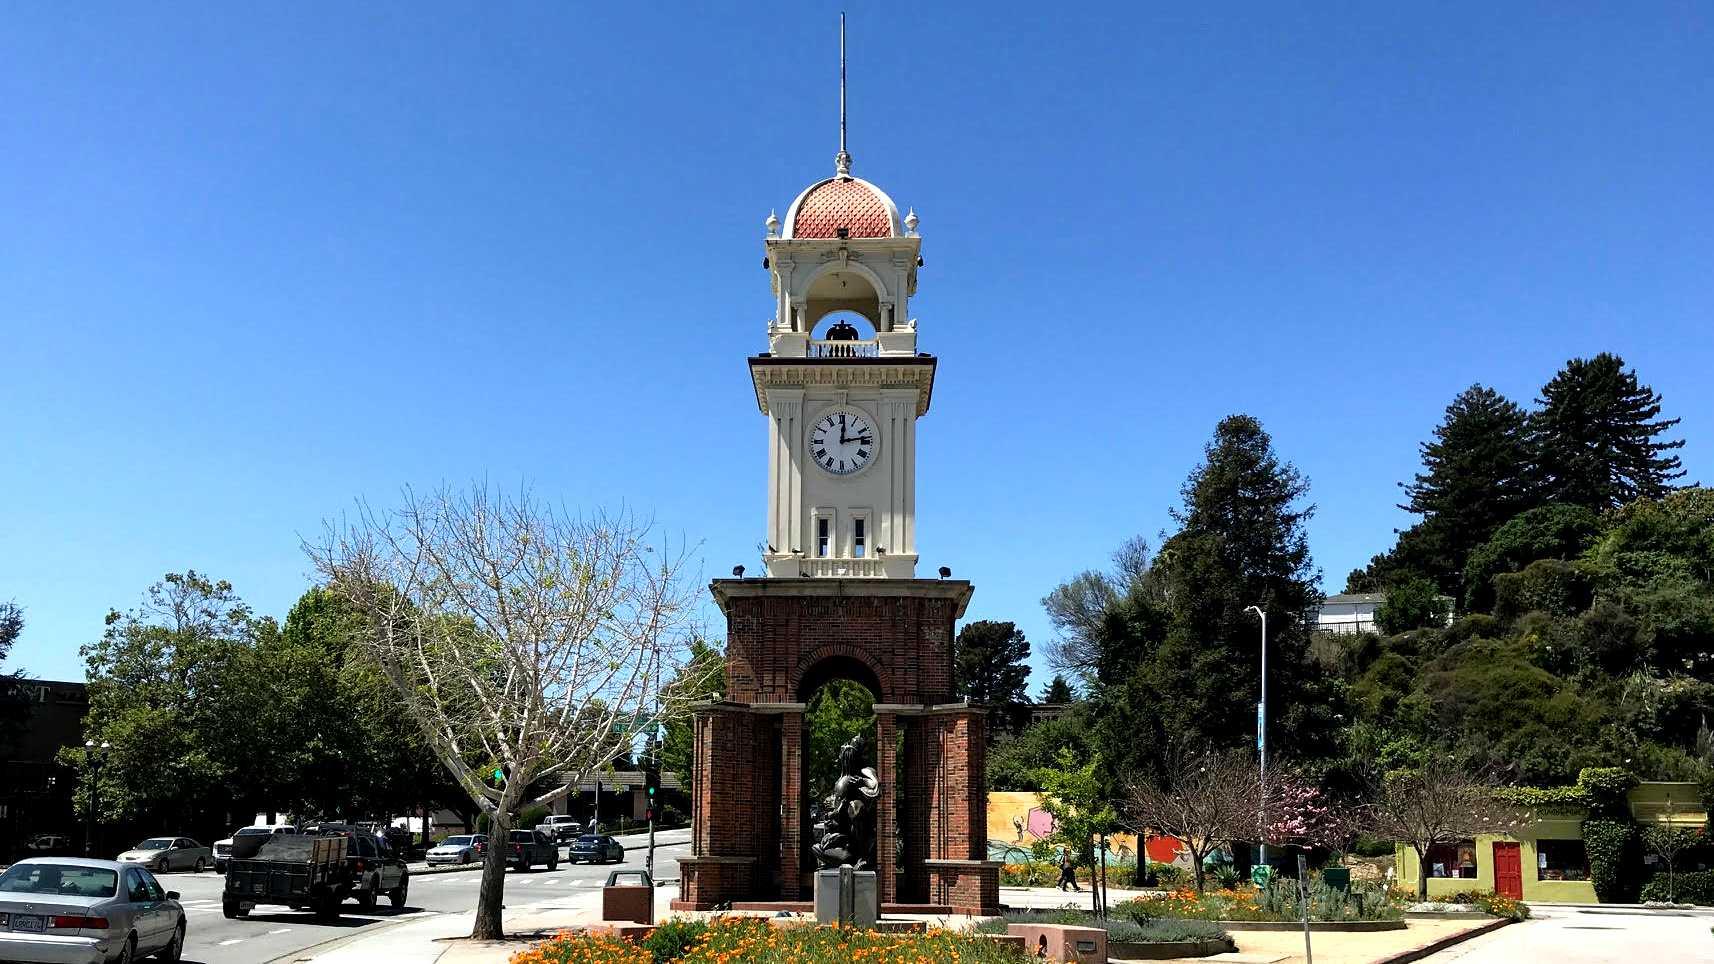 Santa Cruz Clock Tower